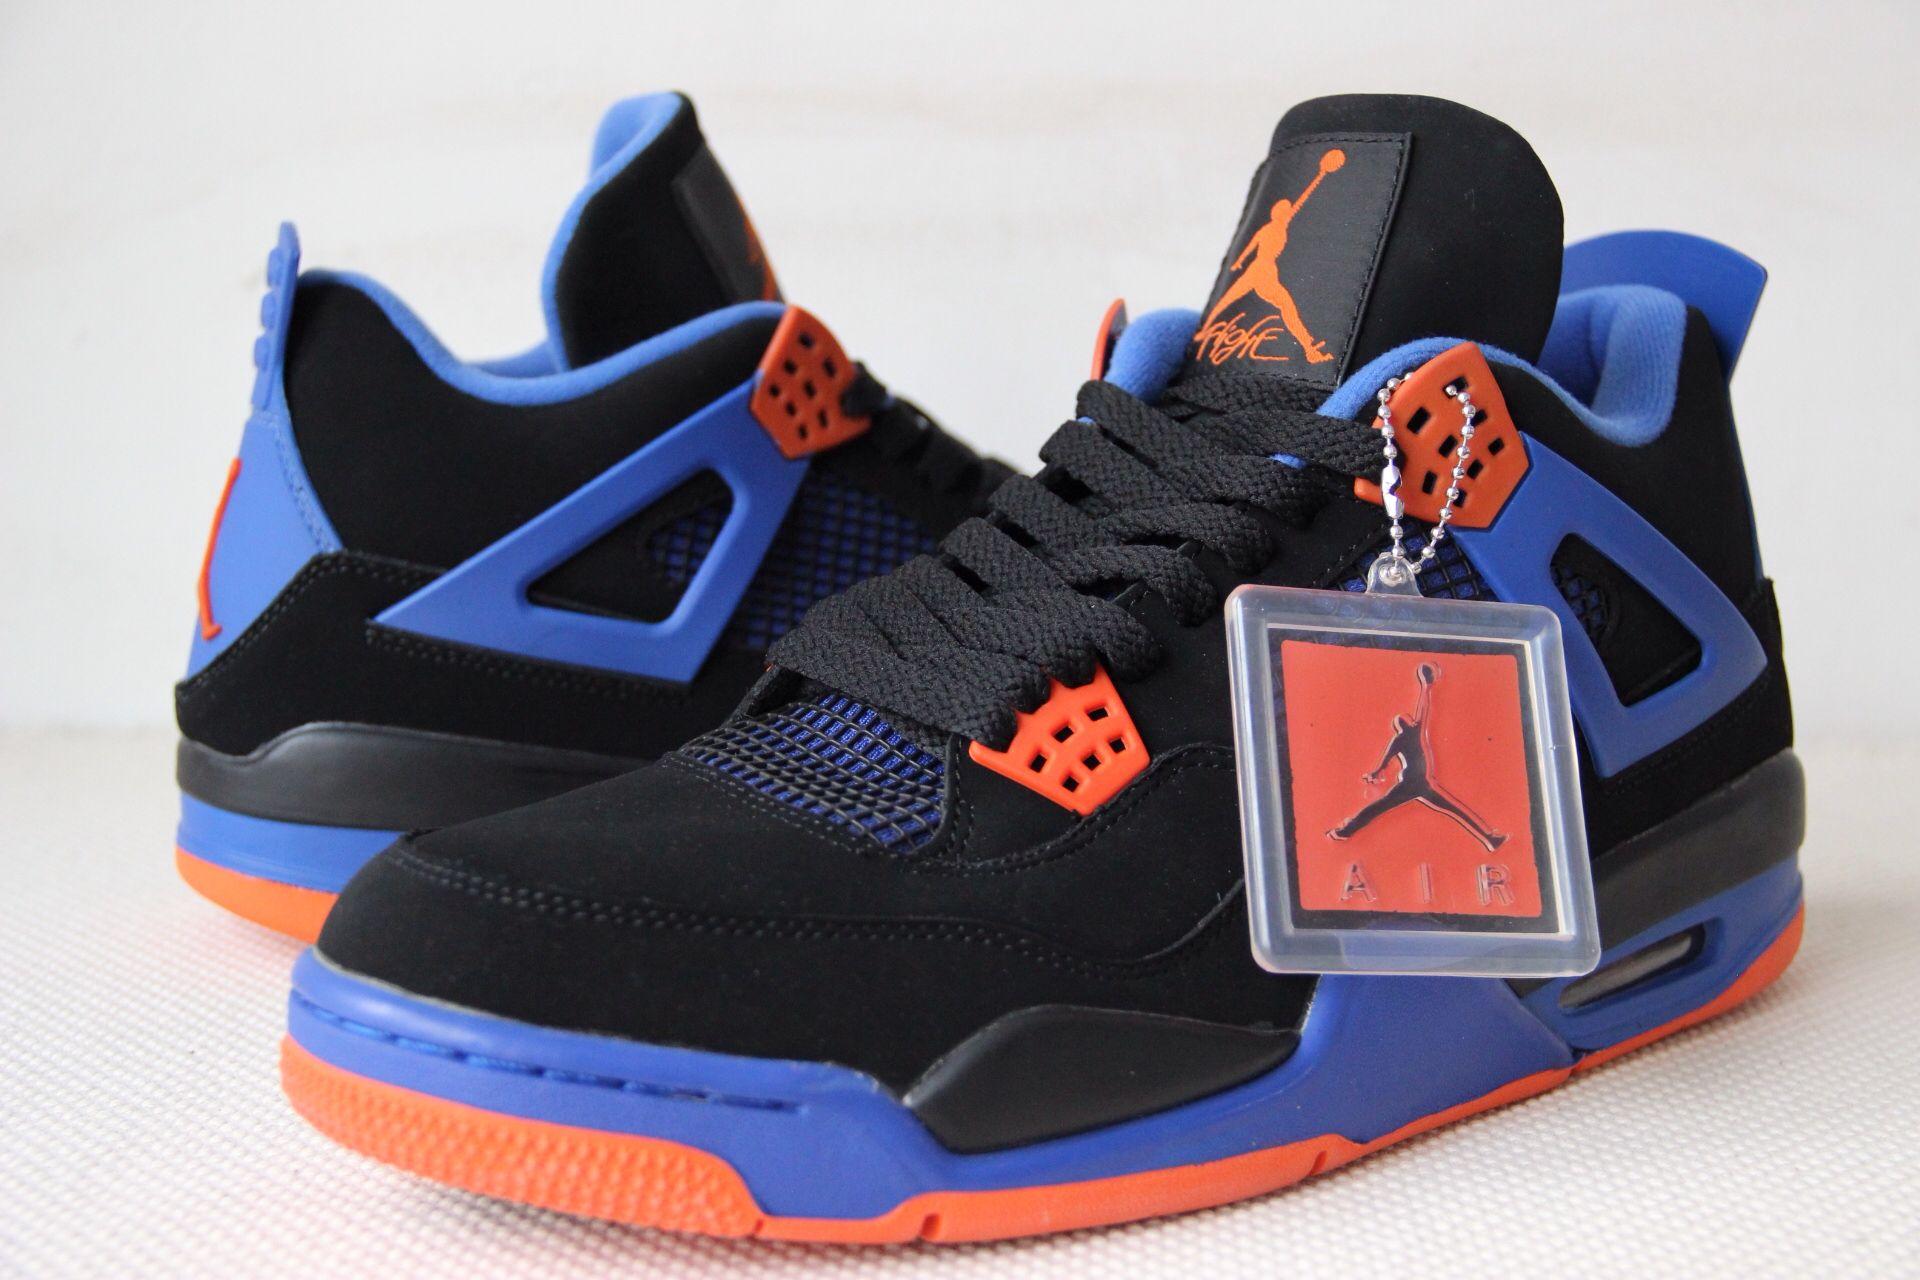 Cav 4 - Shoes for sale @ www.asneakerworld.com